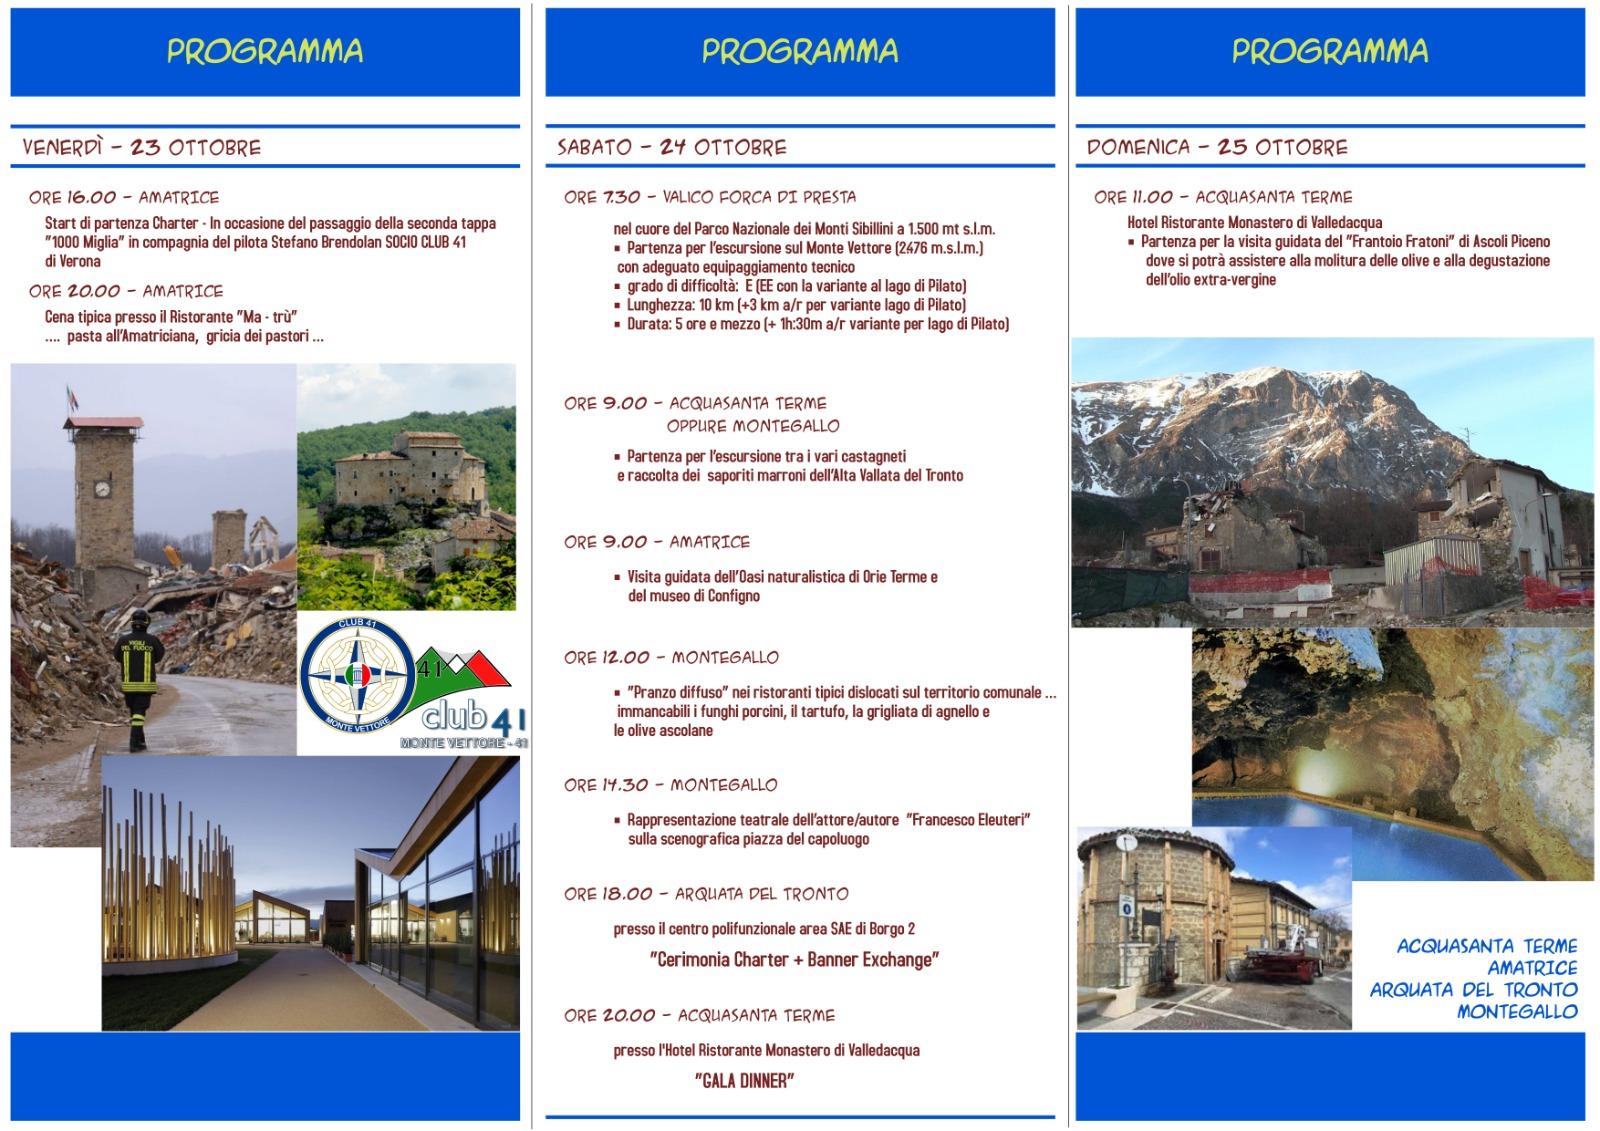 --RIMANDATO-- Charter Club41 Monte Vettore n.41